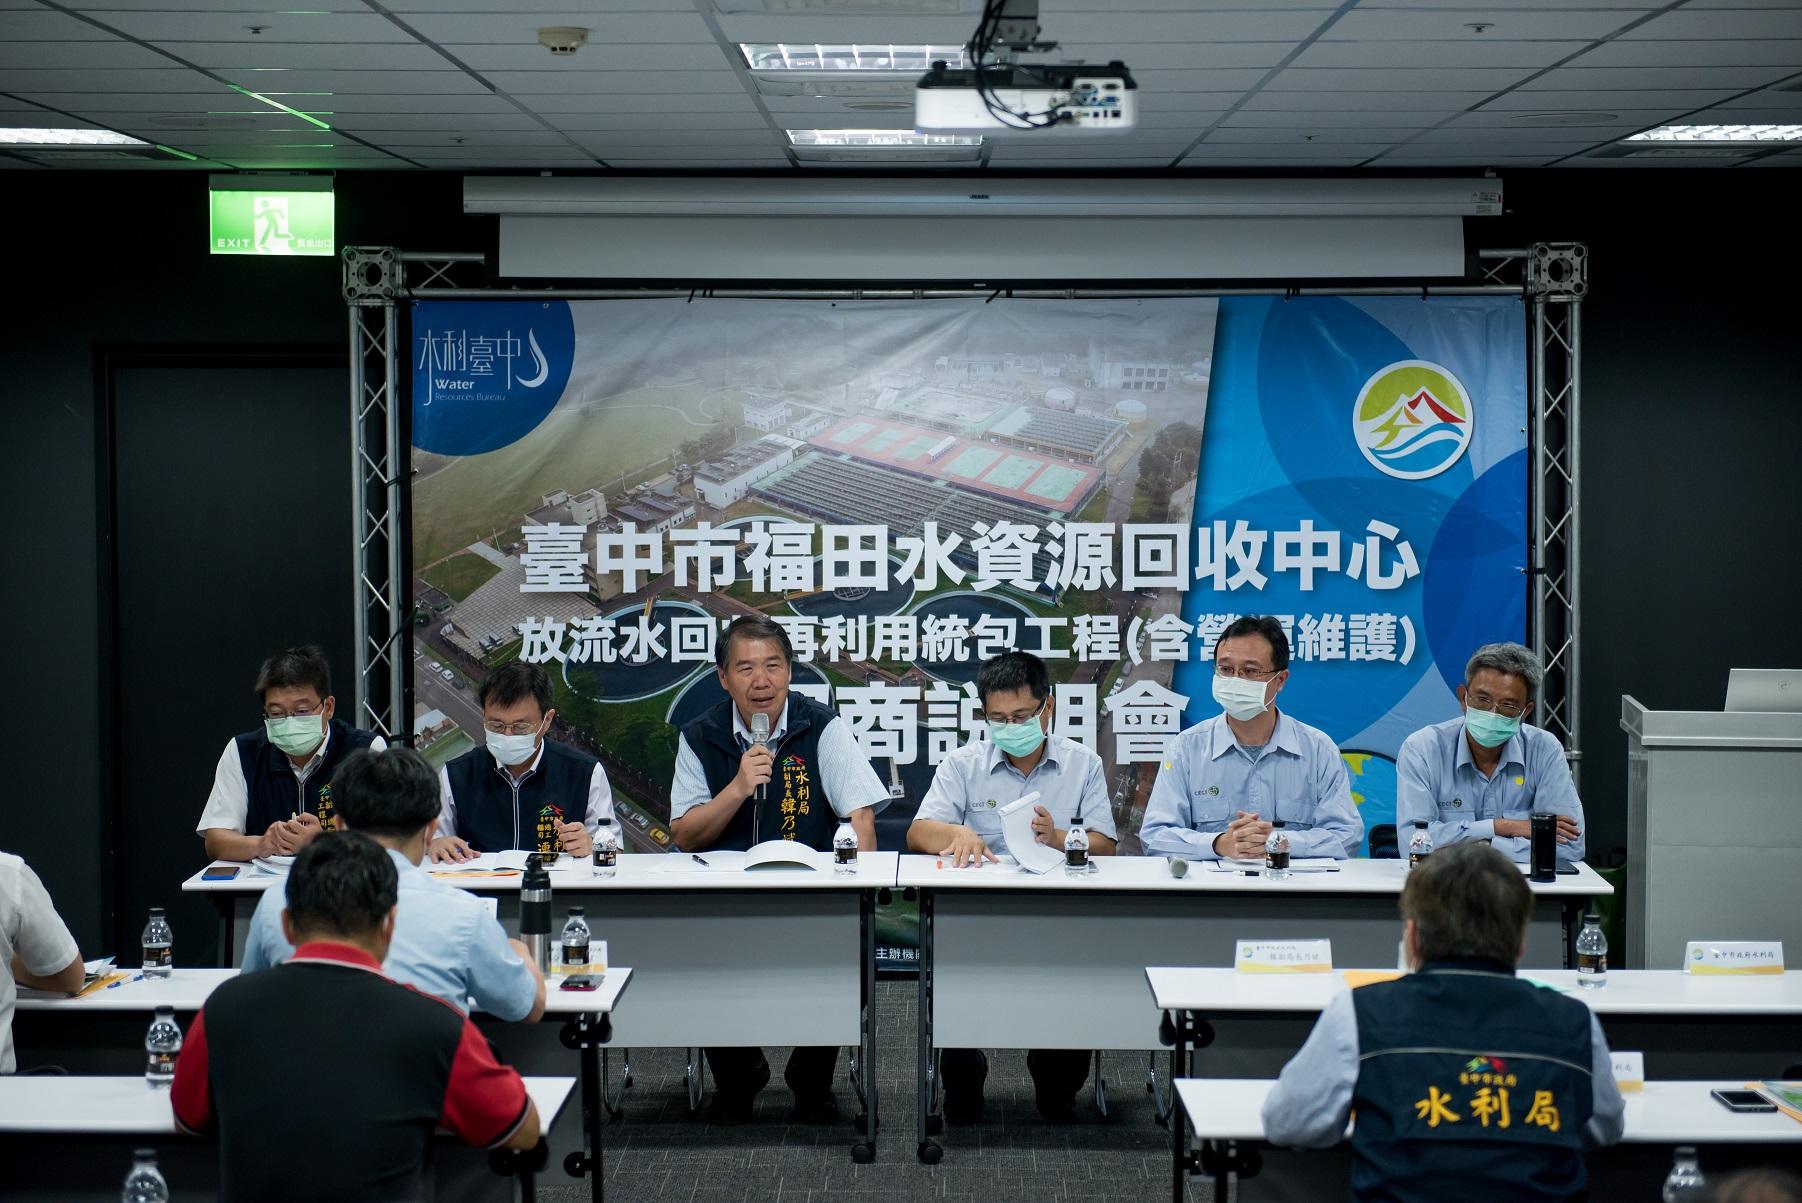 中部第一!福田再生水示範案招商說明會盛大召開 廠商反應熱烈。(記者張越安翻攝)